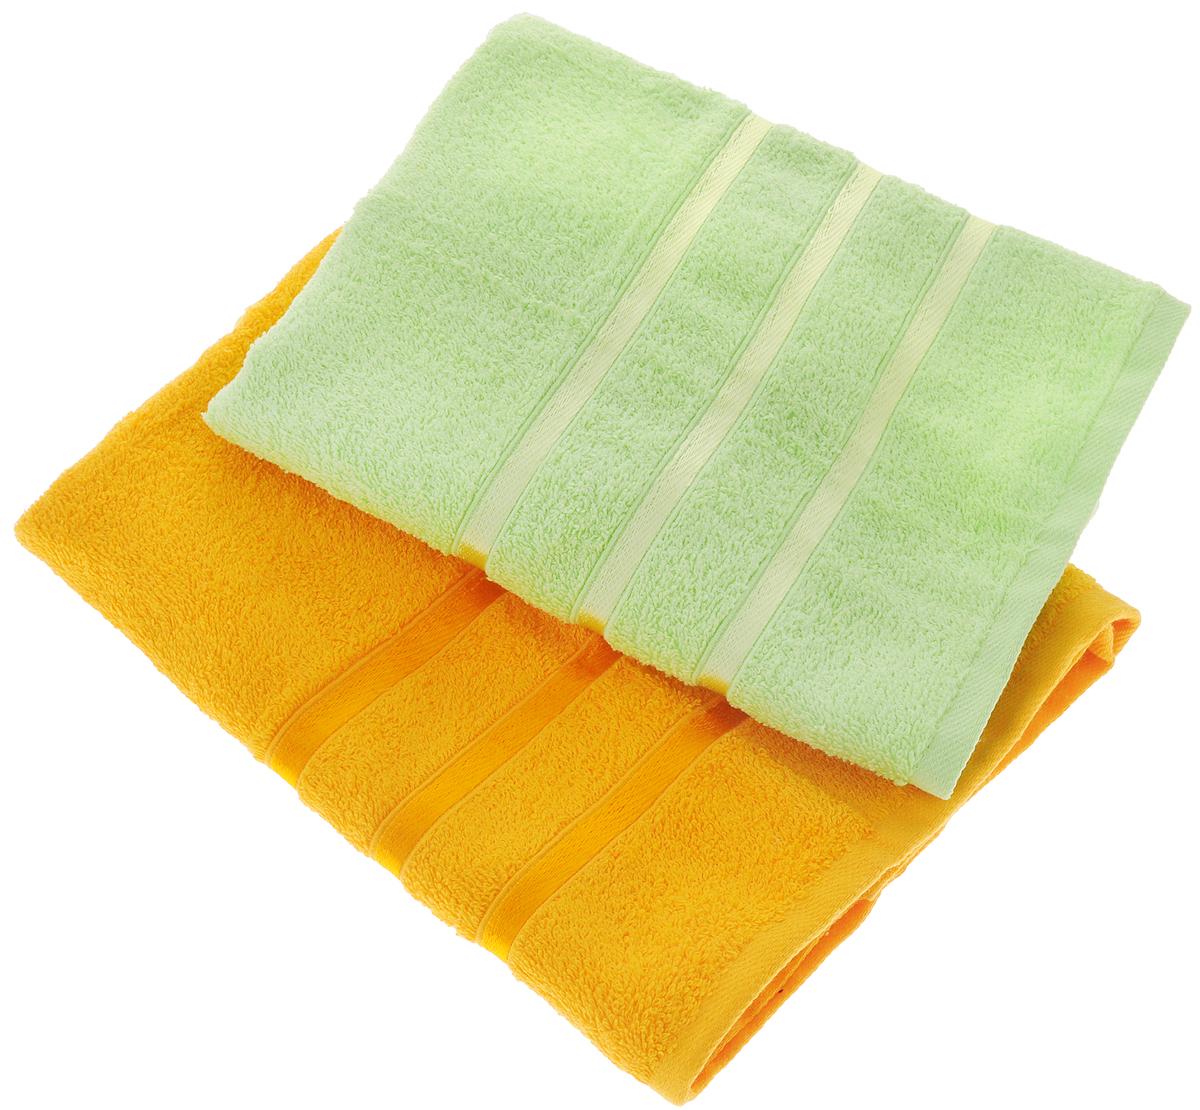 Набор полотенец Tete-a-Tete Ленты, цвет: желтый, зеленый, 50 х 85 см, 2 штУНП-101-12-2кНабор Tete-a-Tete Ленты состоит из двух махровых полотенец, выполненных из натурального 100% хлопка. Бордюр полотенец декорирован лентами. Изделия мягкие, отлично впитывают влагу, быстро сохнут, сохраняют яркость цвета и не теряют форму даже после многократных стирок. Полотенца Tete-a-Tete Ленты очень практичны и неприхотливы в уходе. Они легко впишутся в любой интерьер благодаря своей нежной цветовой гамме. Набор упакован в красивую коробку и может послужить отличной идеей подарка. Размер полотенец: 50 х 85 см.